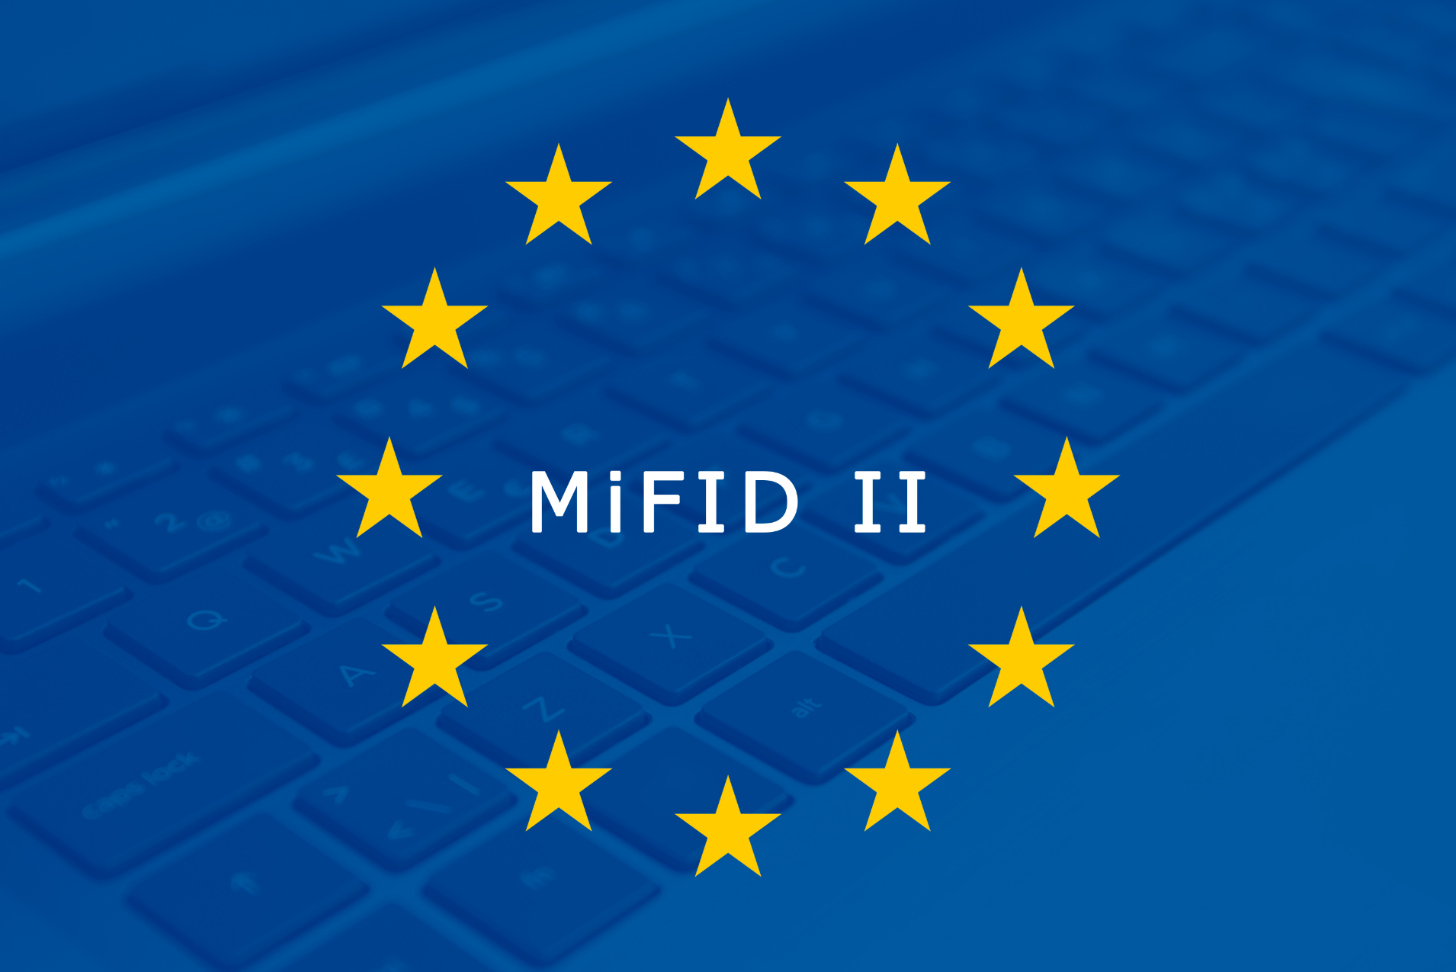 Mifid2 und die Steuernummer - Forex & CFD Broker